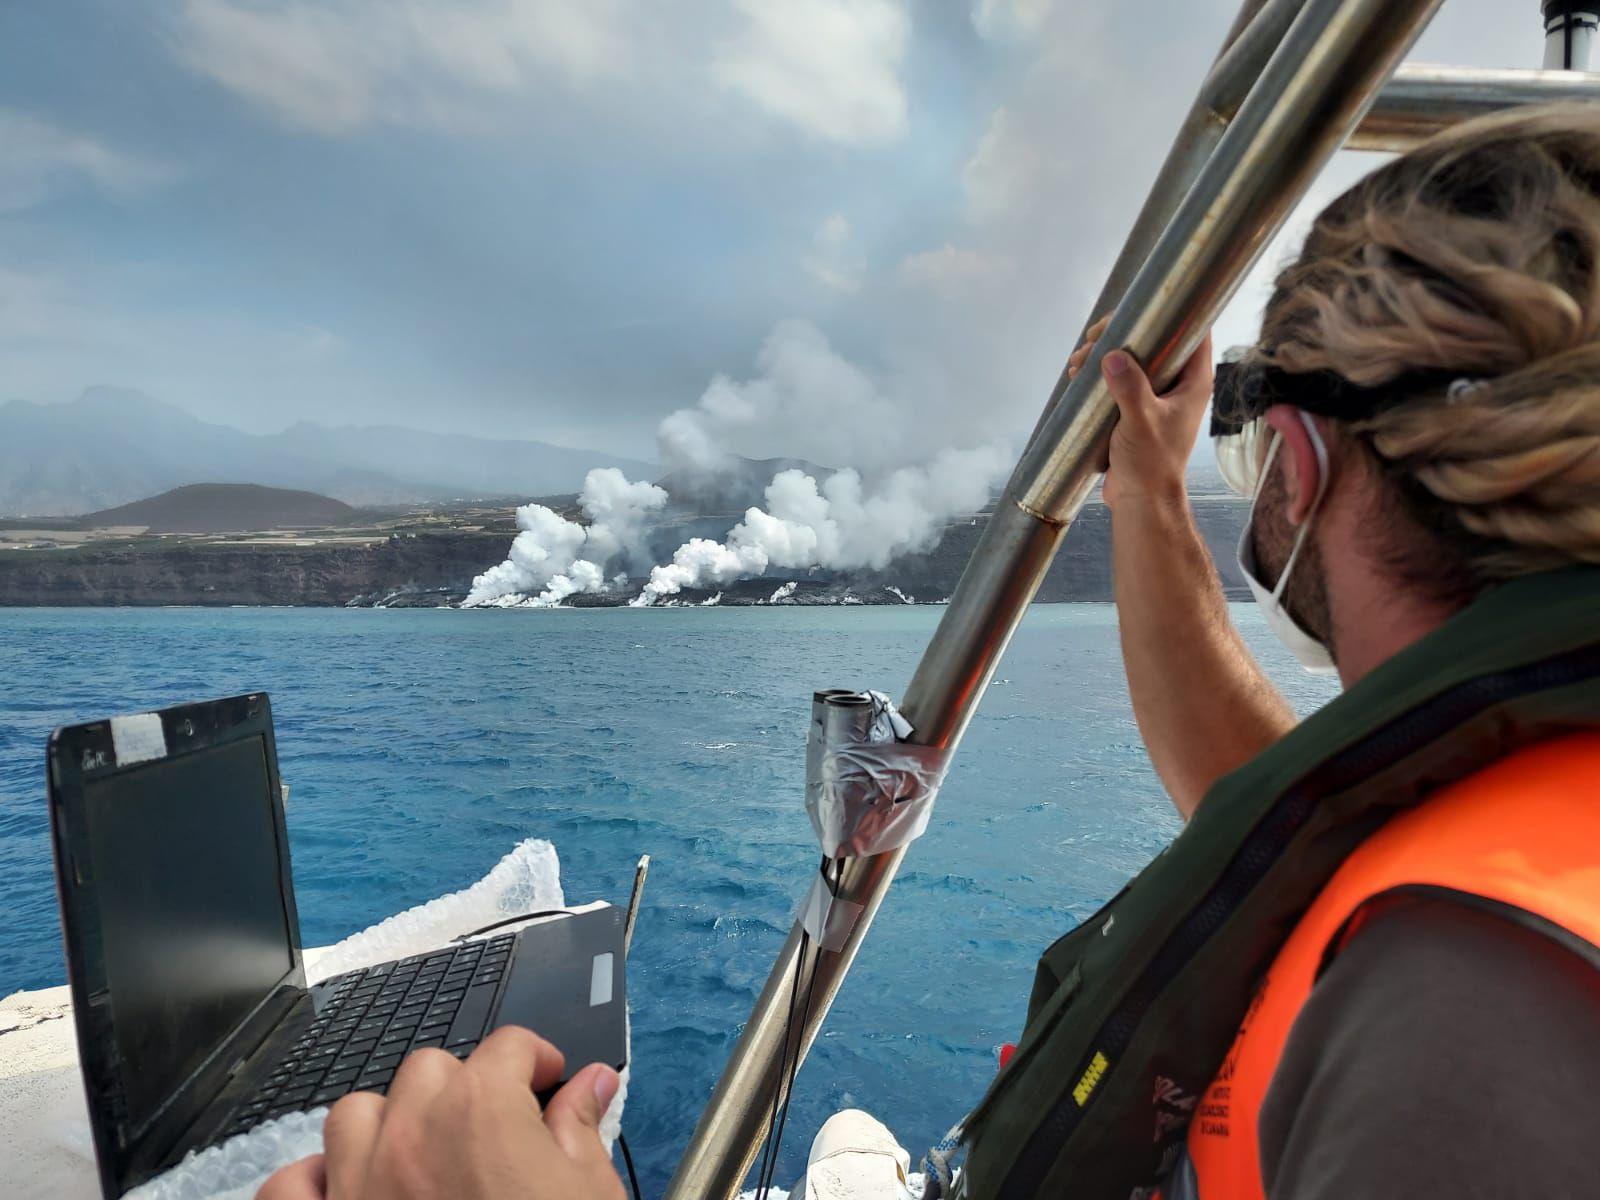 La Palma / Cumbre Vieja - le delta de lave depuis l'hélico et du patrouilleur de la Guardia Civil - photos InVolcan